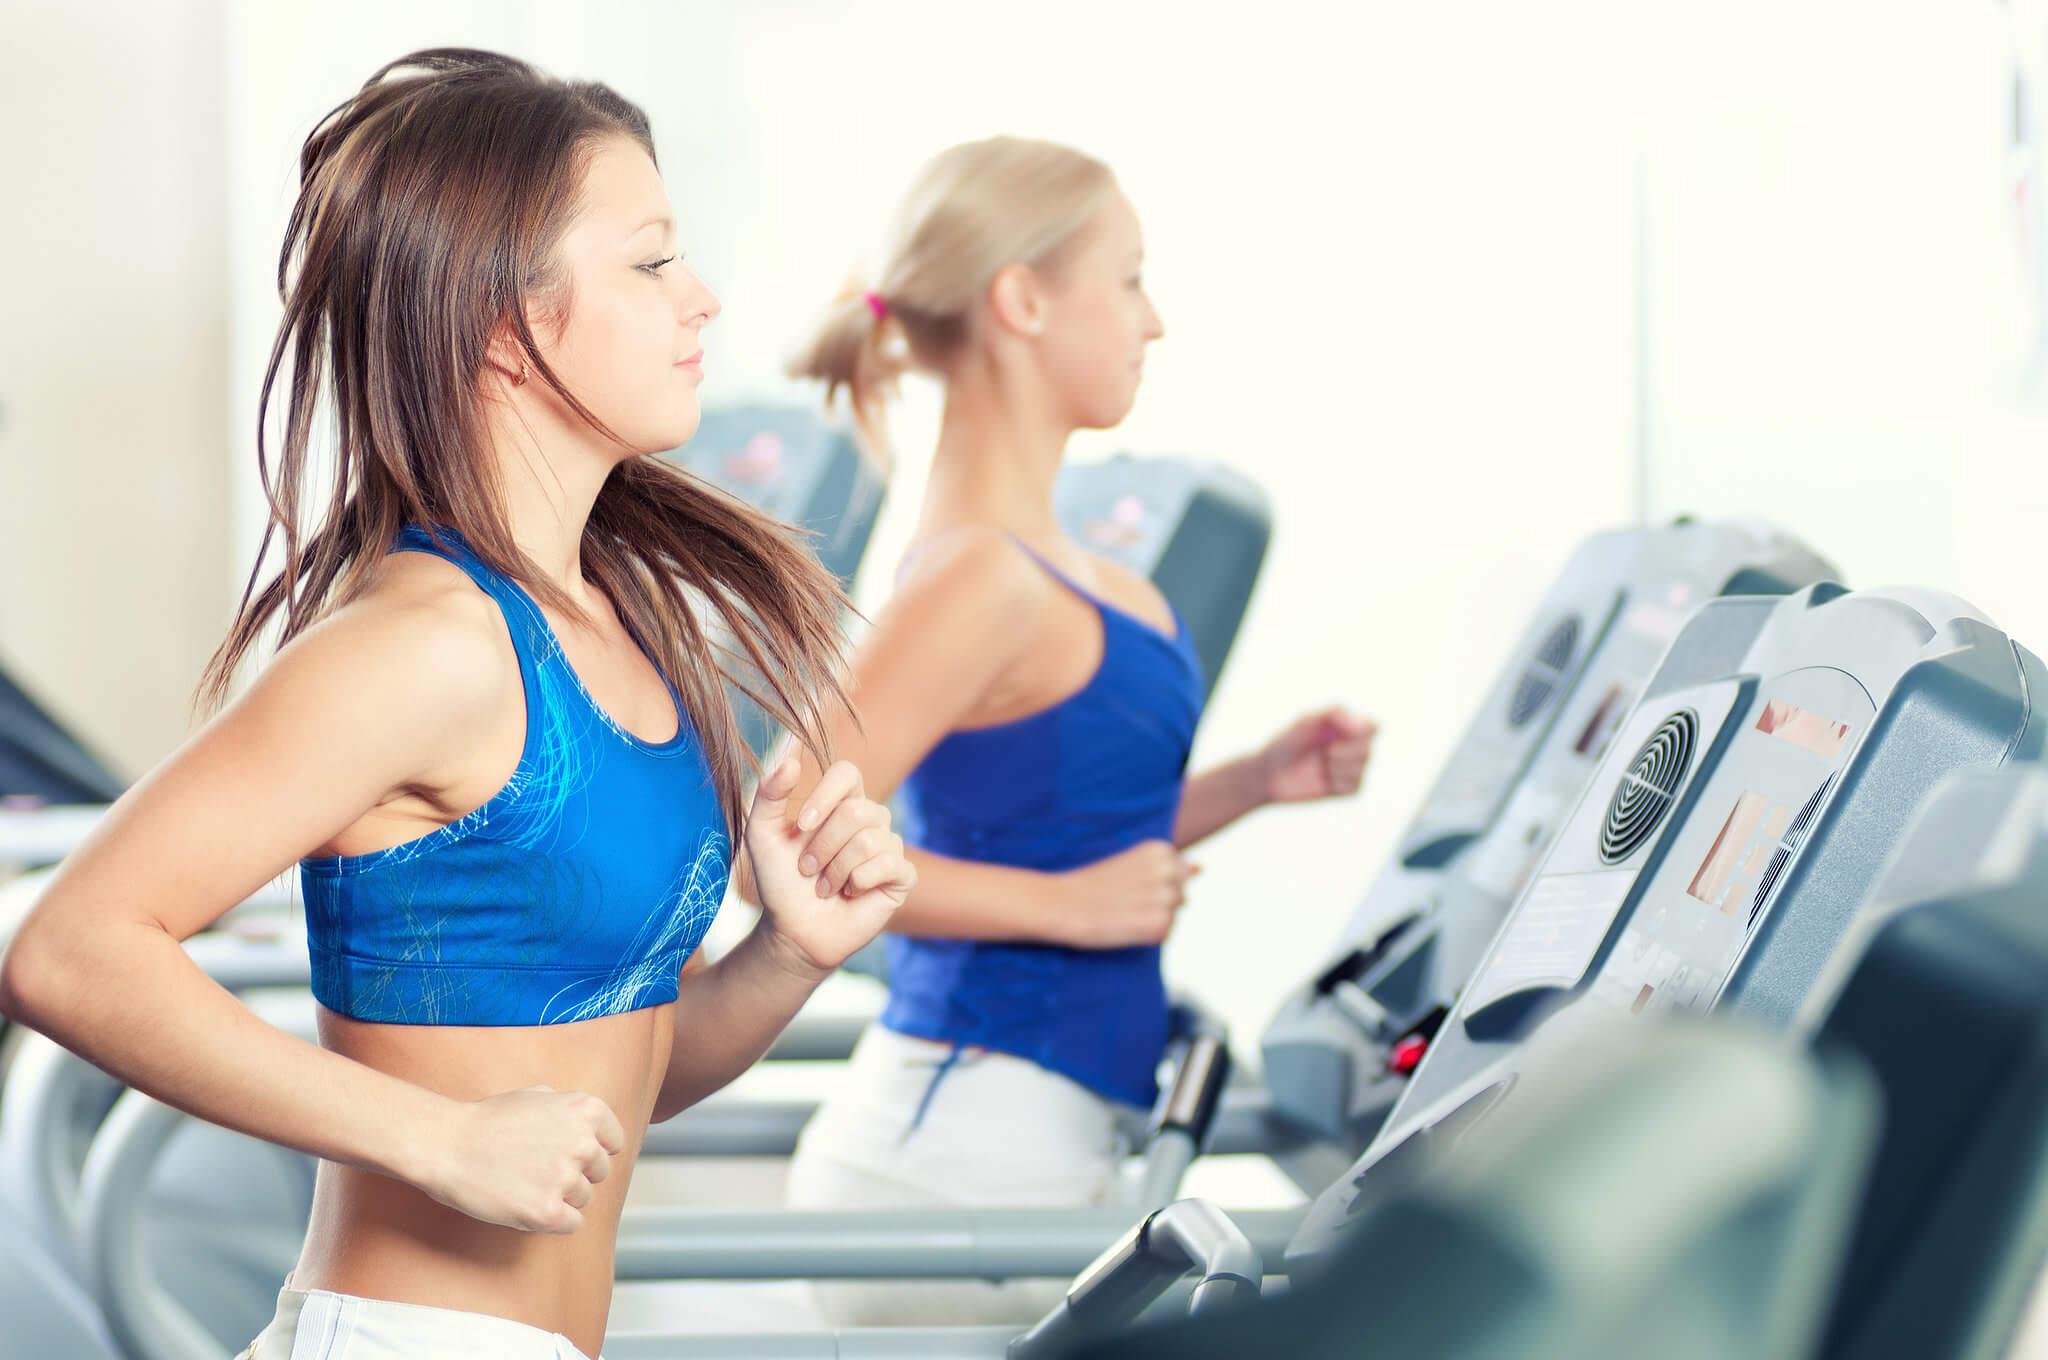 Chica haciendo ejercicio en la cinta de correr